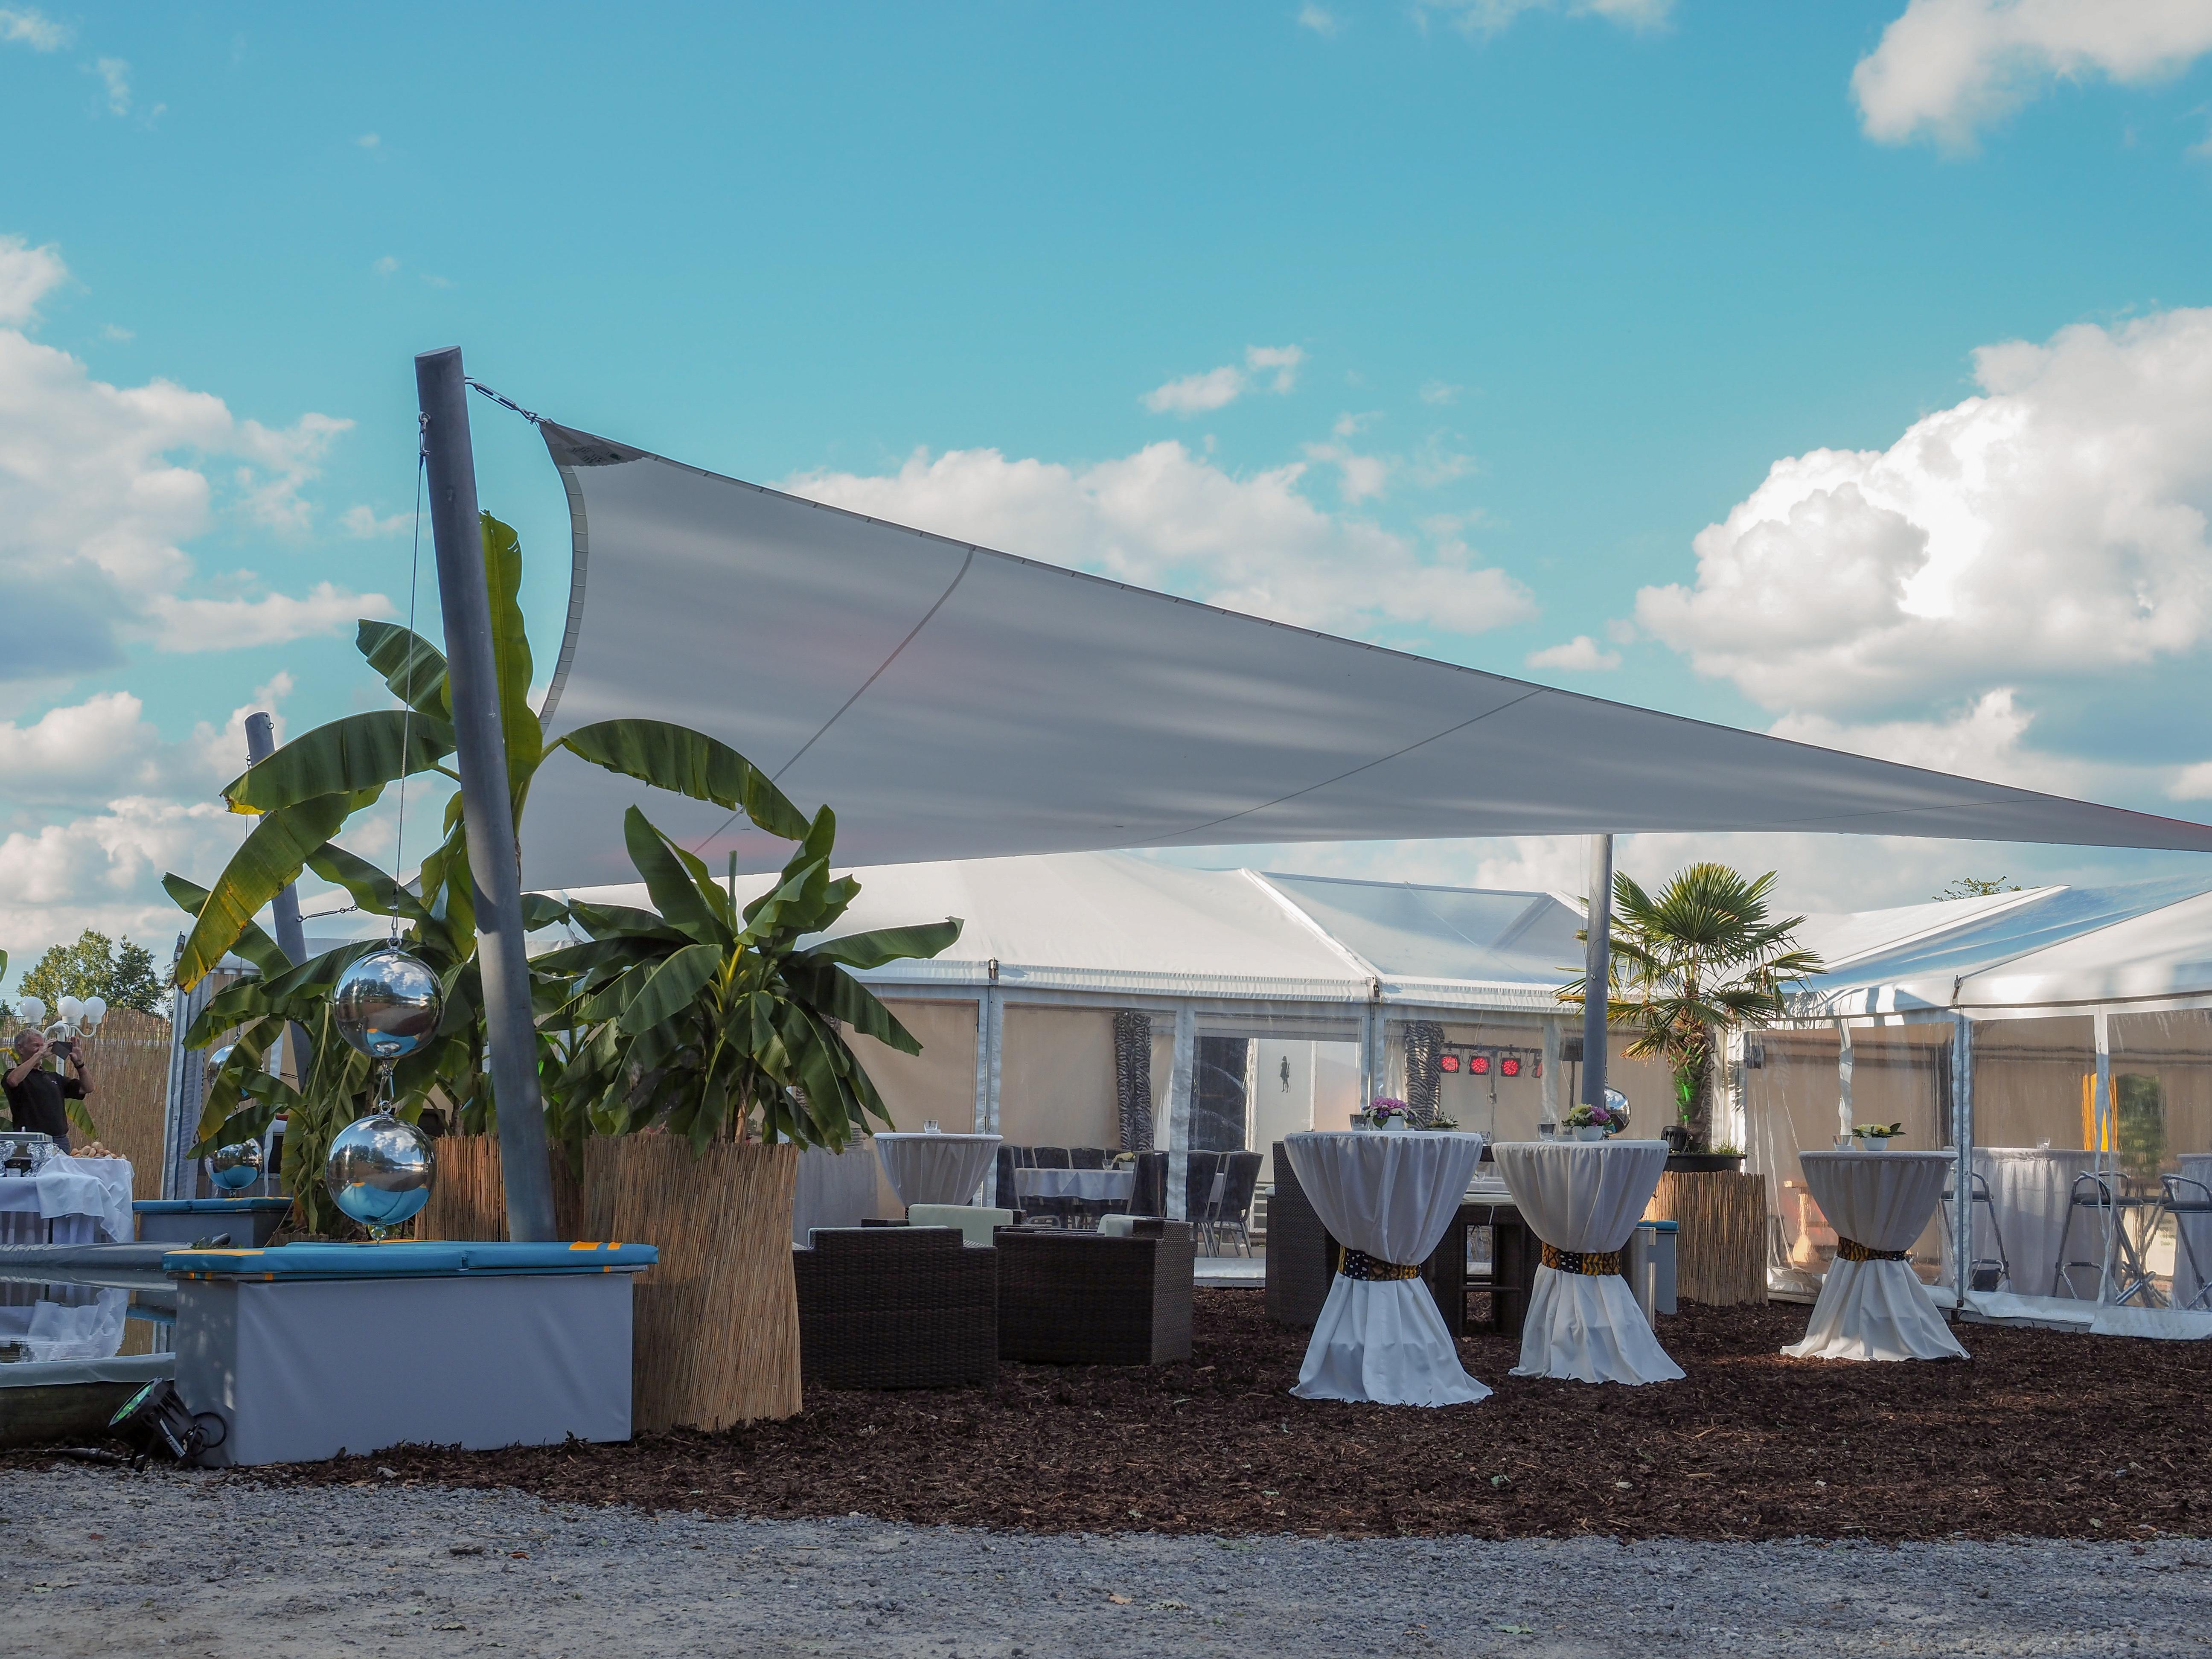 Kohlbrecher Zelte Und Planen Sonnenschutz Wie